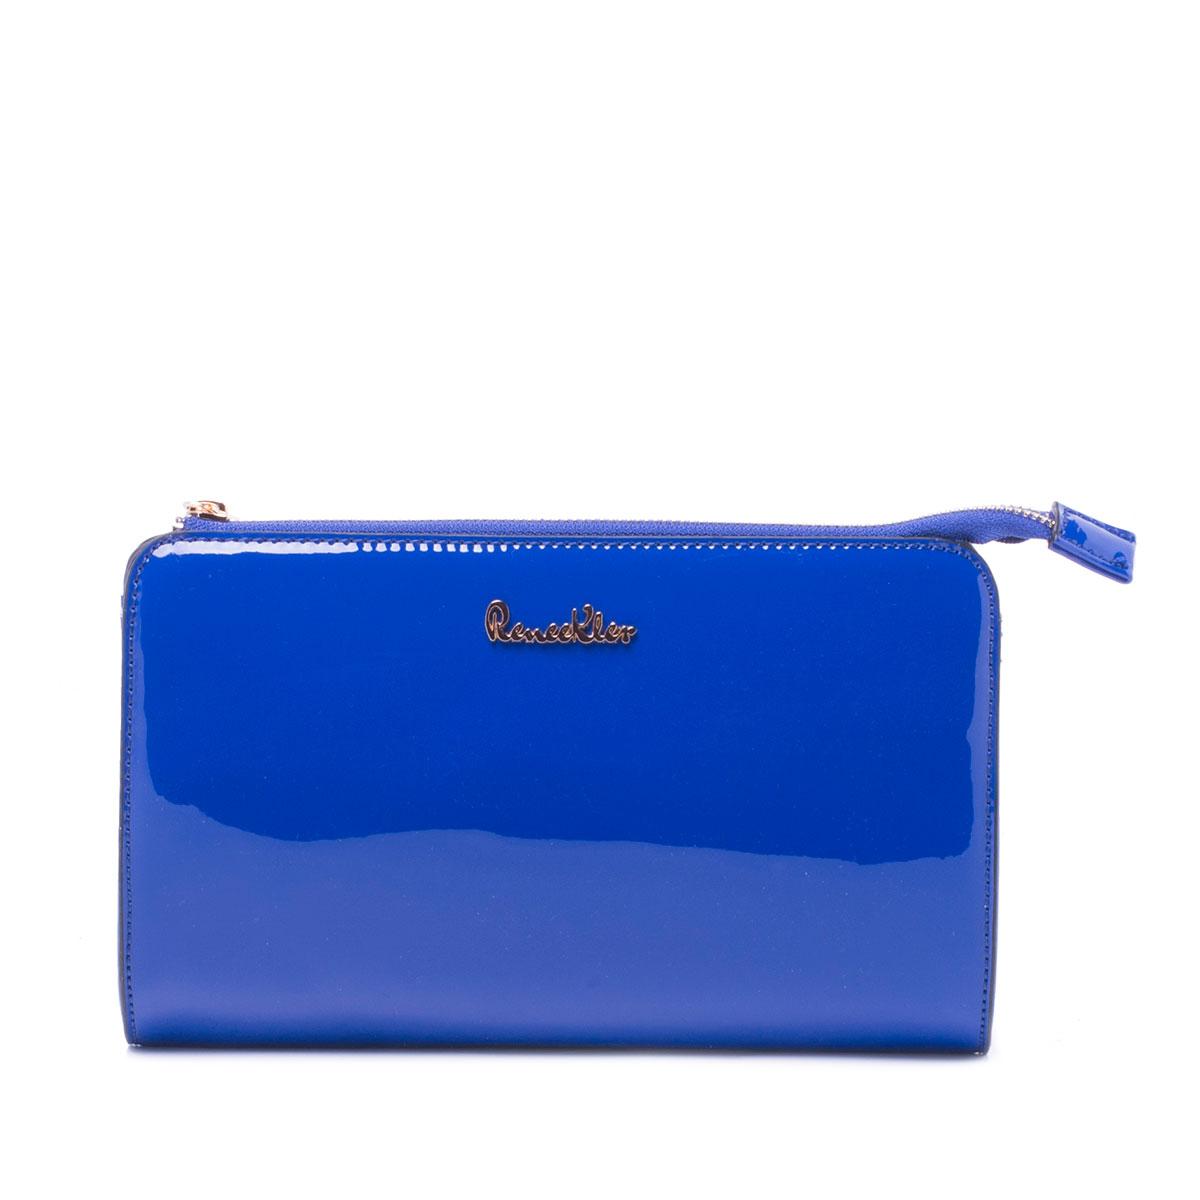 Сумка женская Renee Kler, цвет: синий. RP460-06RP460-06Сумка жен., иск. кожа